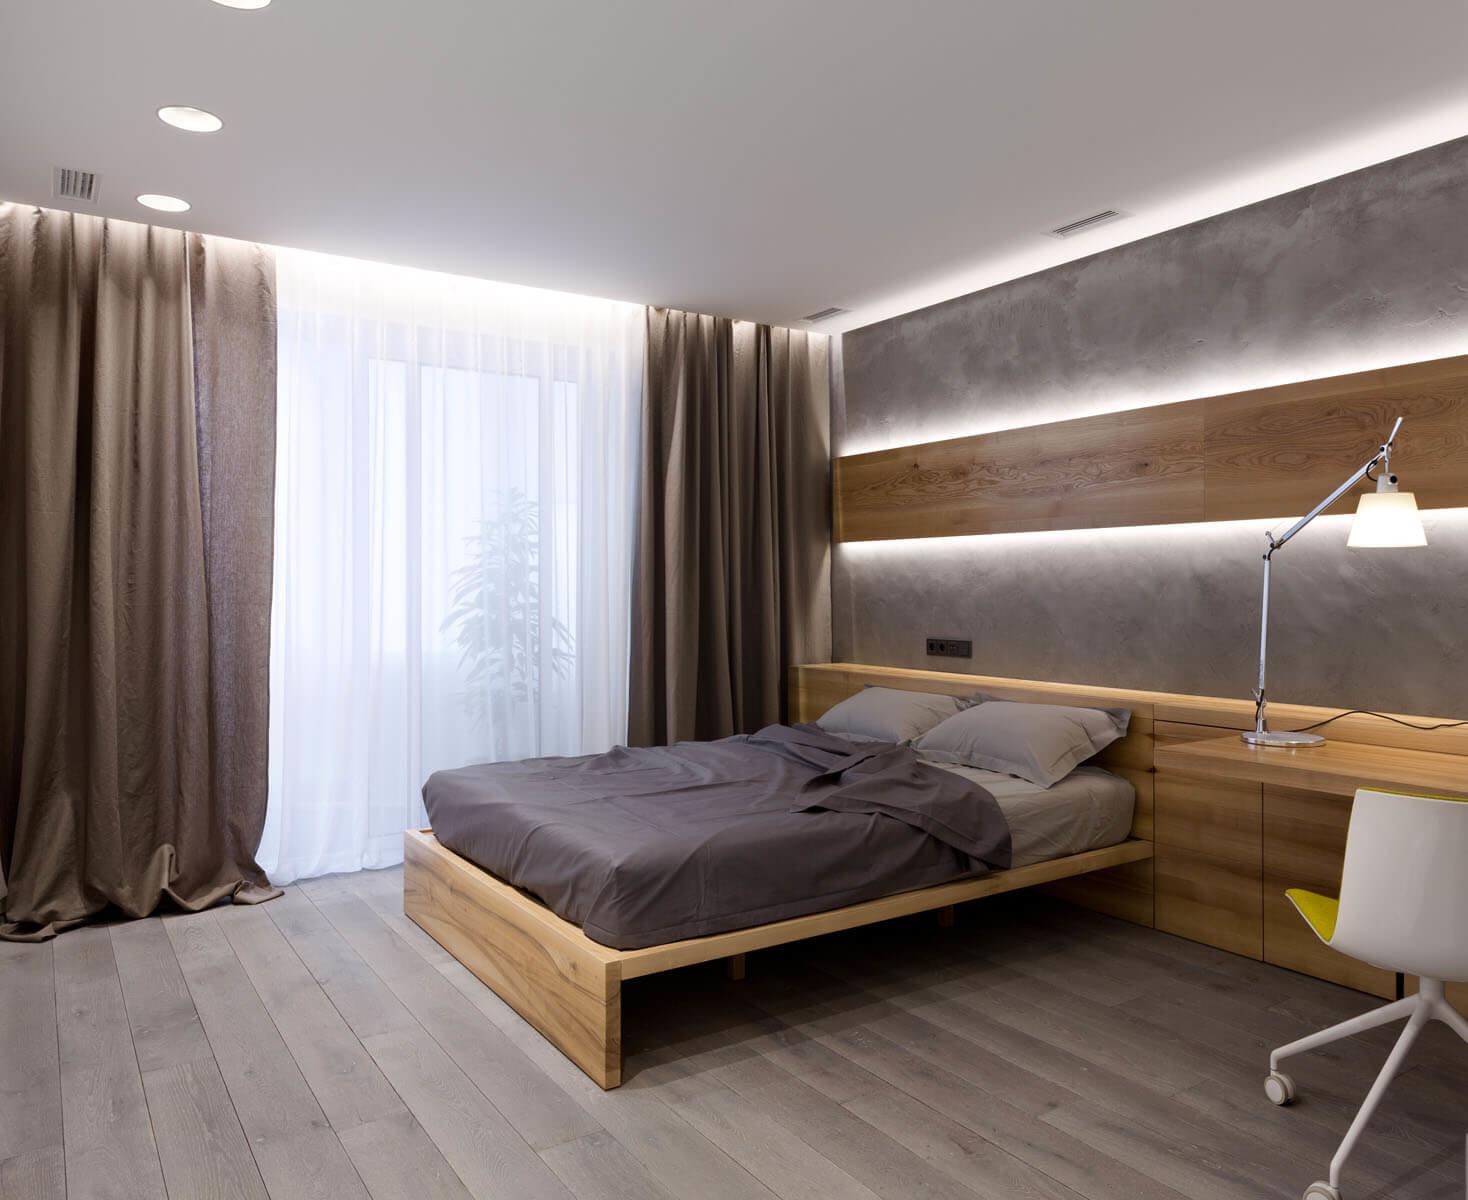 Нейтральный интерьер одной из гостевых комнат продуман таким образом, что его с легкостью можно переоборудовать под детскую